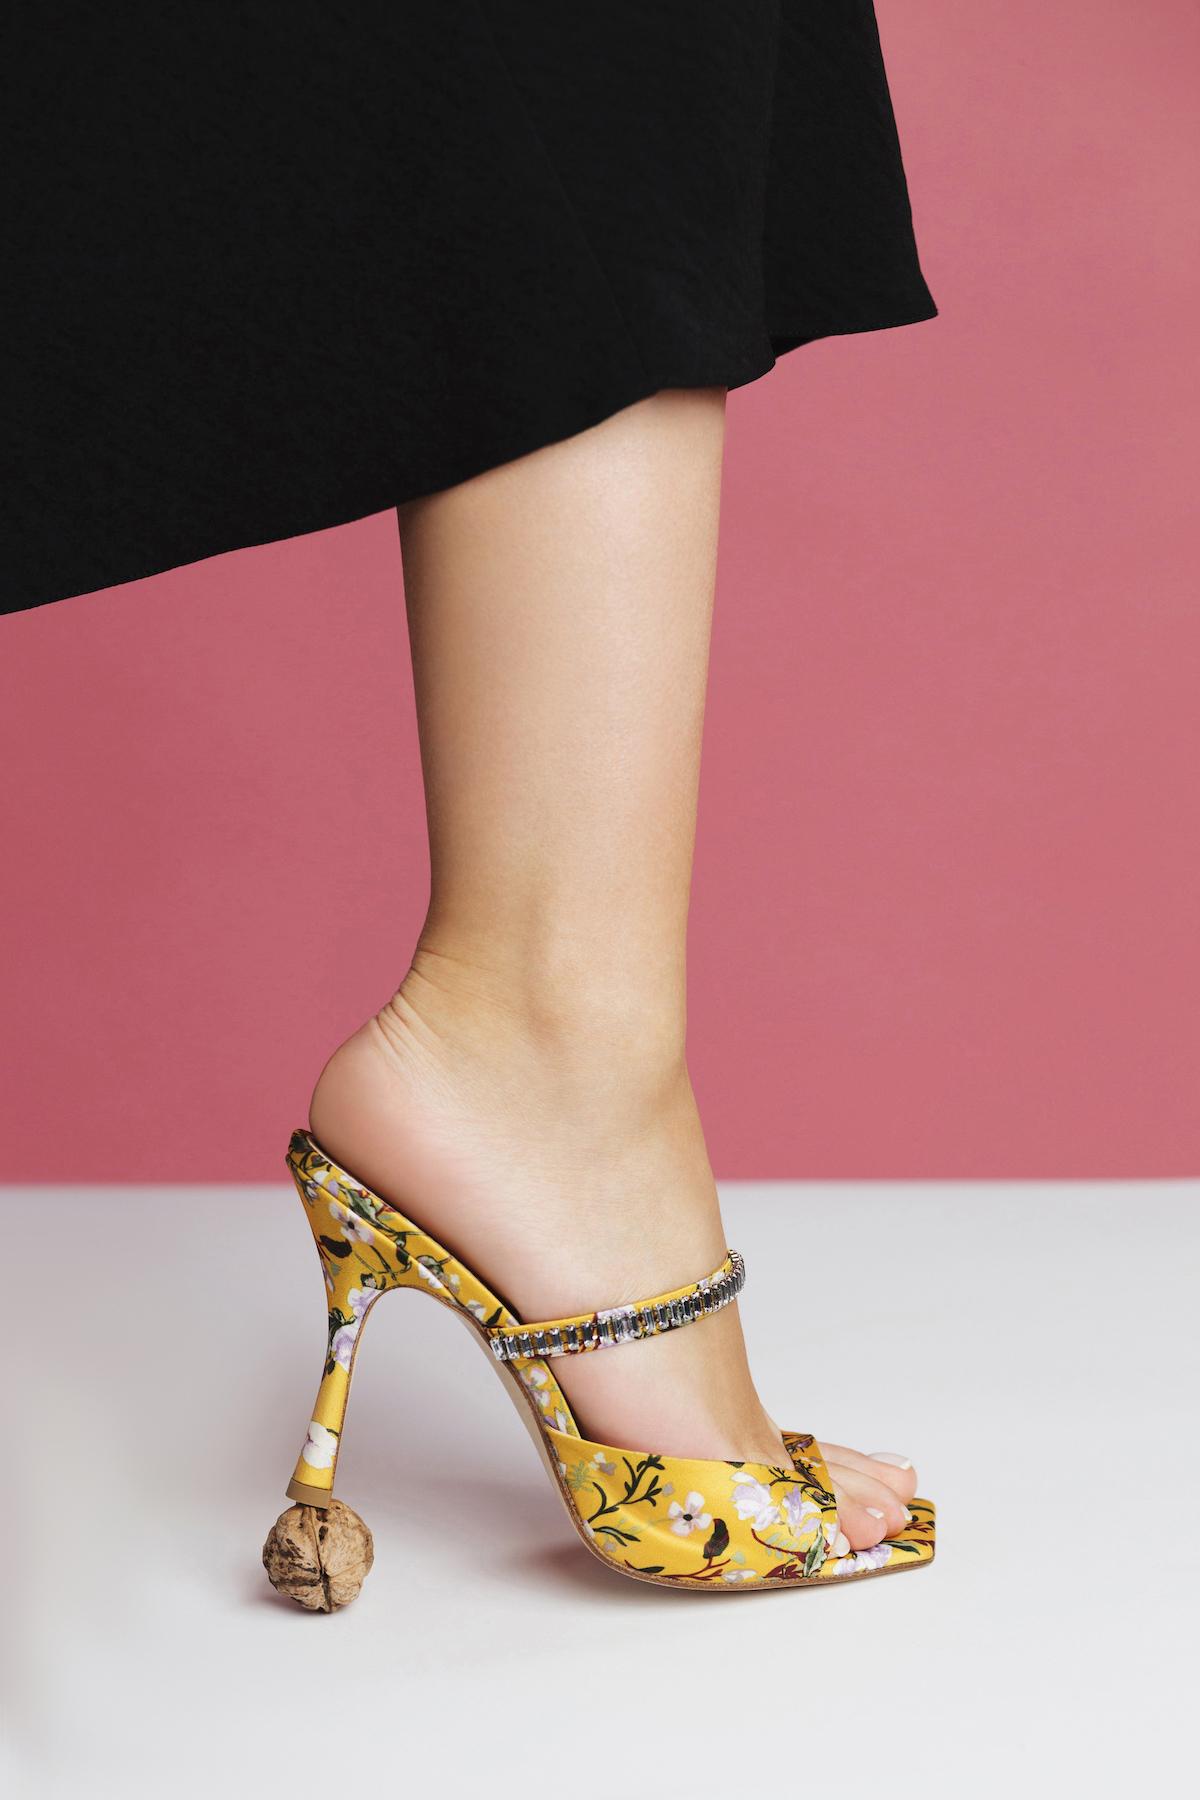 Тина Кароль выпустила весеннюю коллекцию обуви